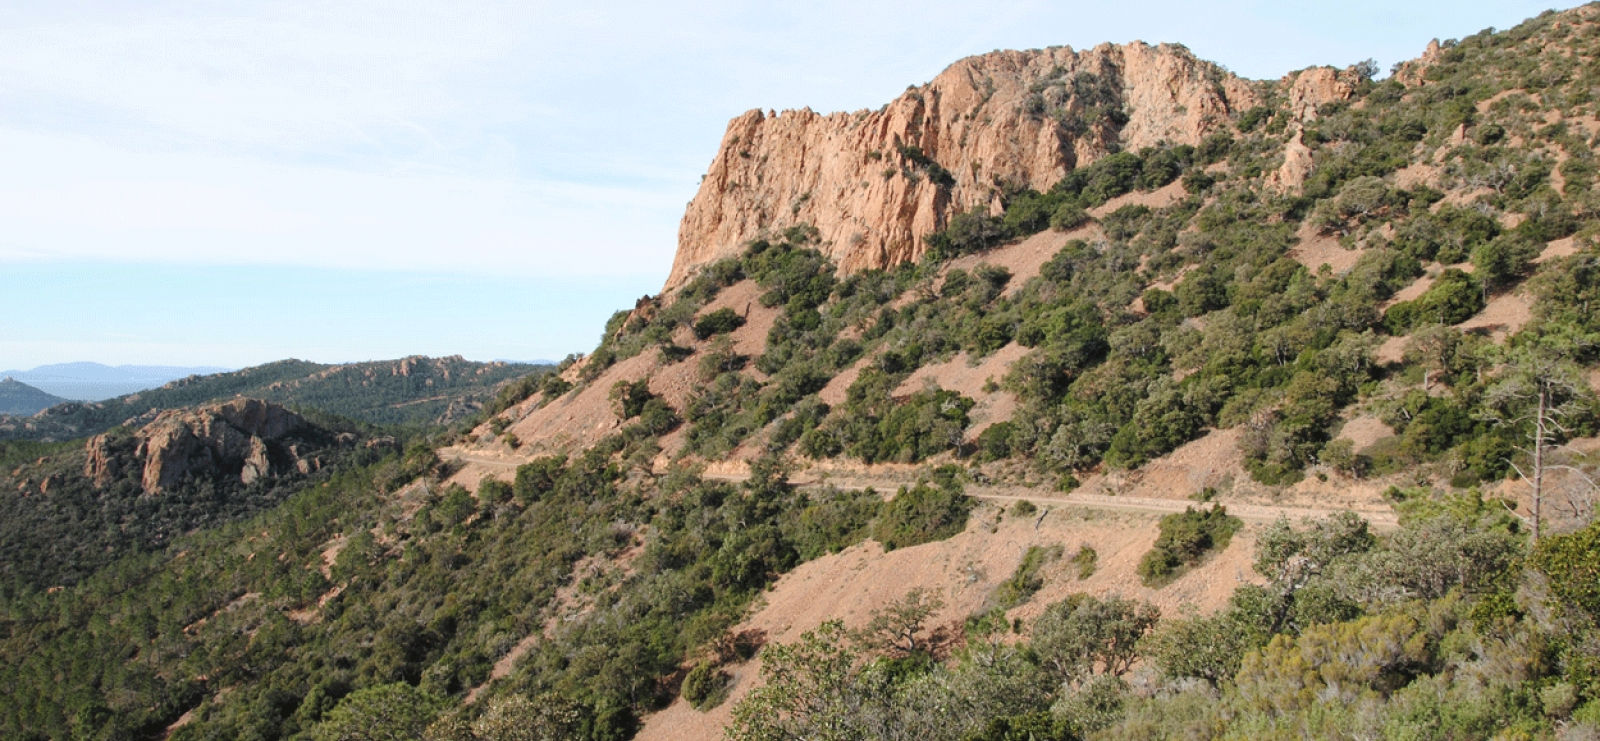 Randonnée : Sentier biologique des senteurs - Rocher Saint-Barthélémy